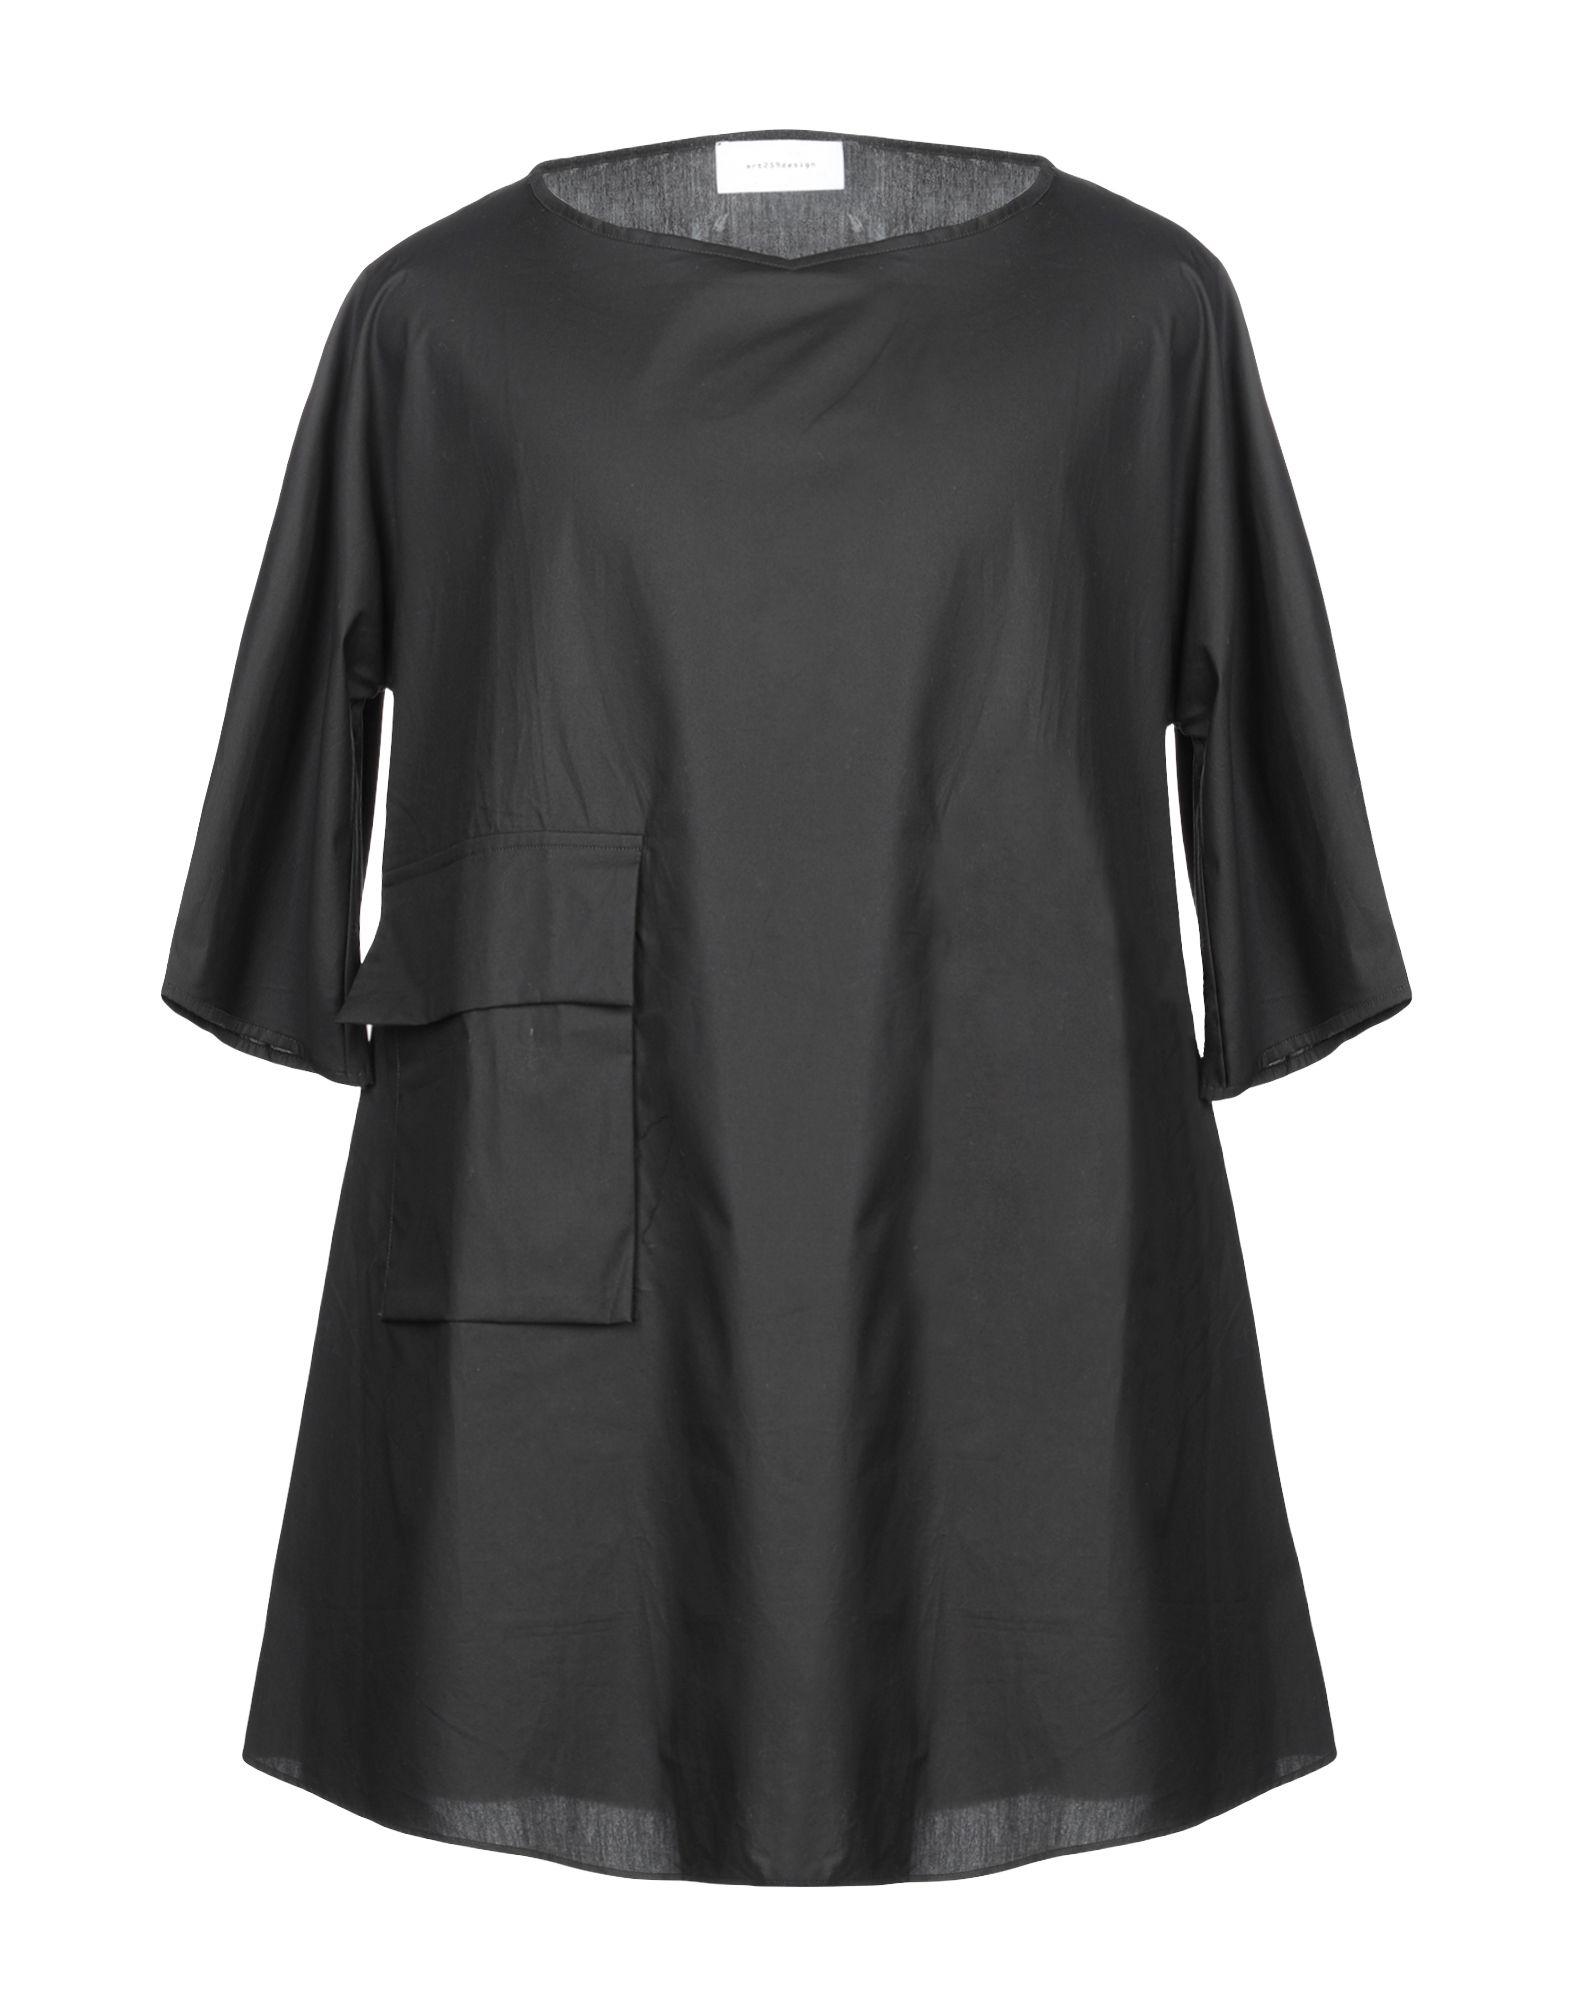 《送料無料》ART 259 DESIGN by ALBERTO AFFINITO メンズ T シャツ ブラック XS コットン 100%